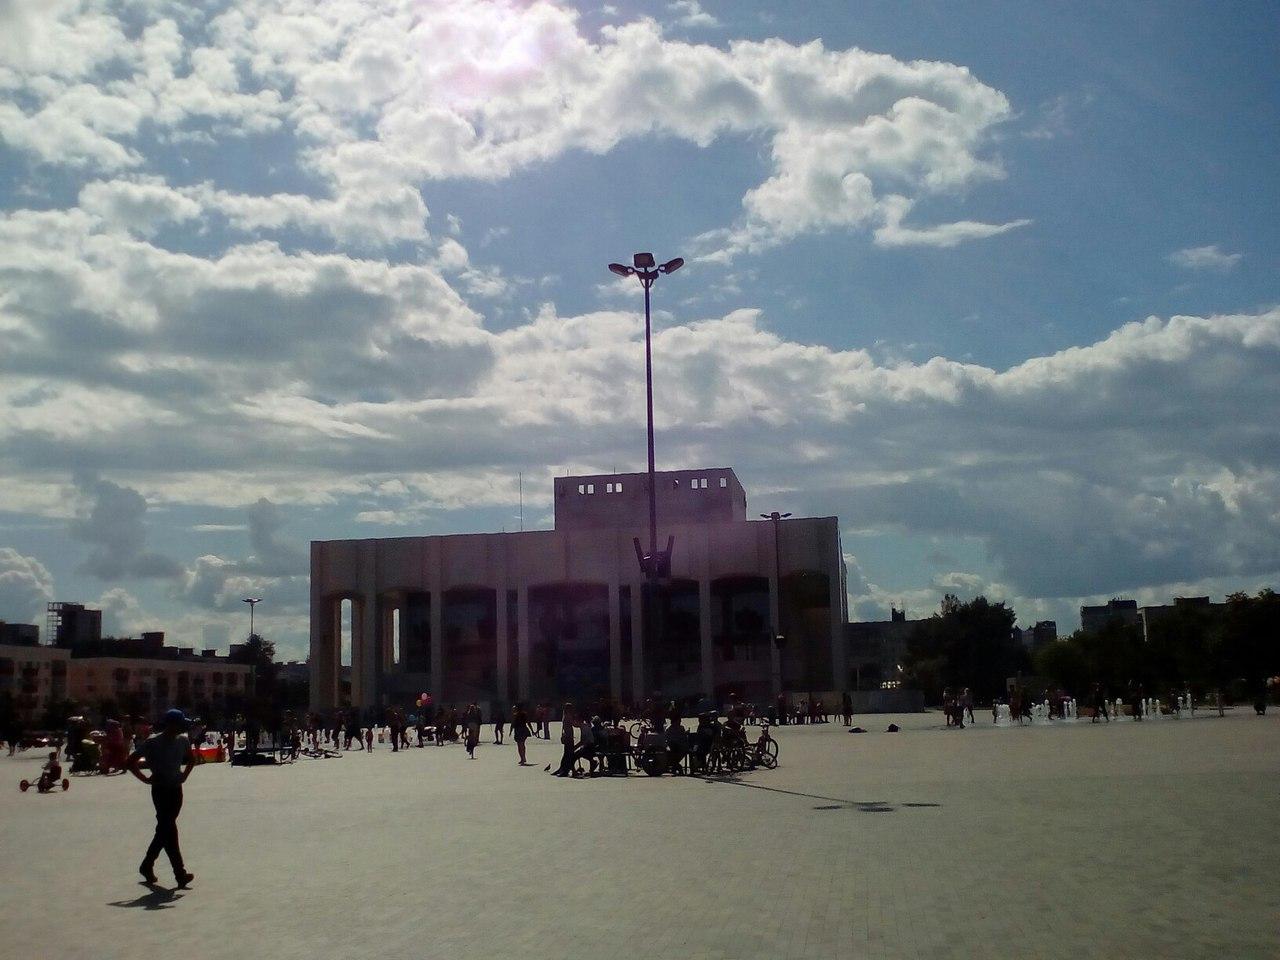 Гуляем по центру Перми. Городская эспланада, Театр-Театр и фонтан!